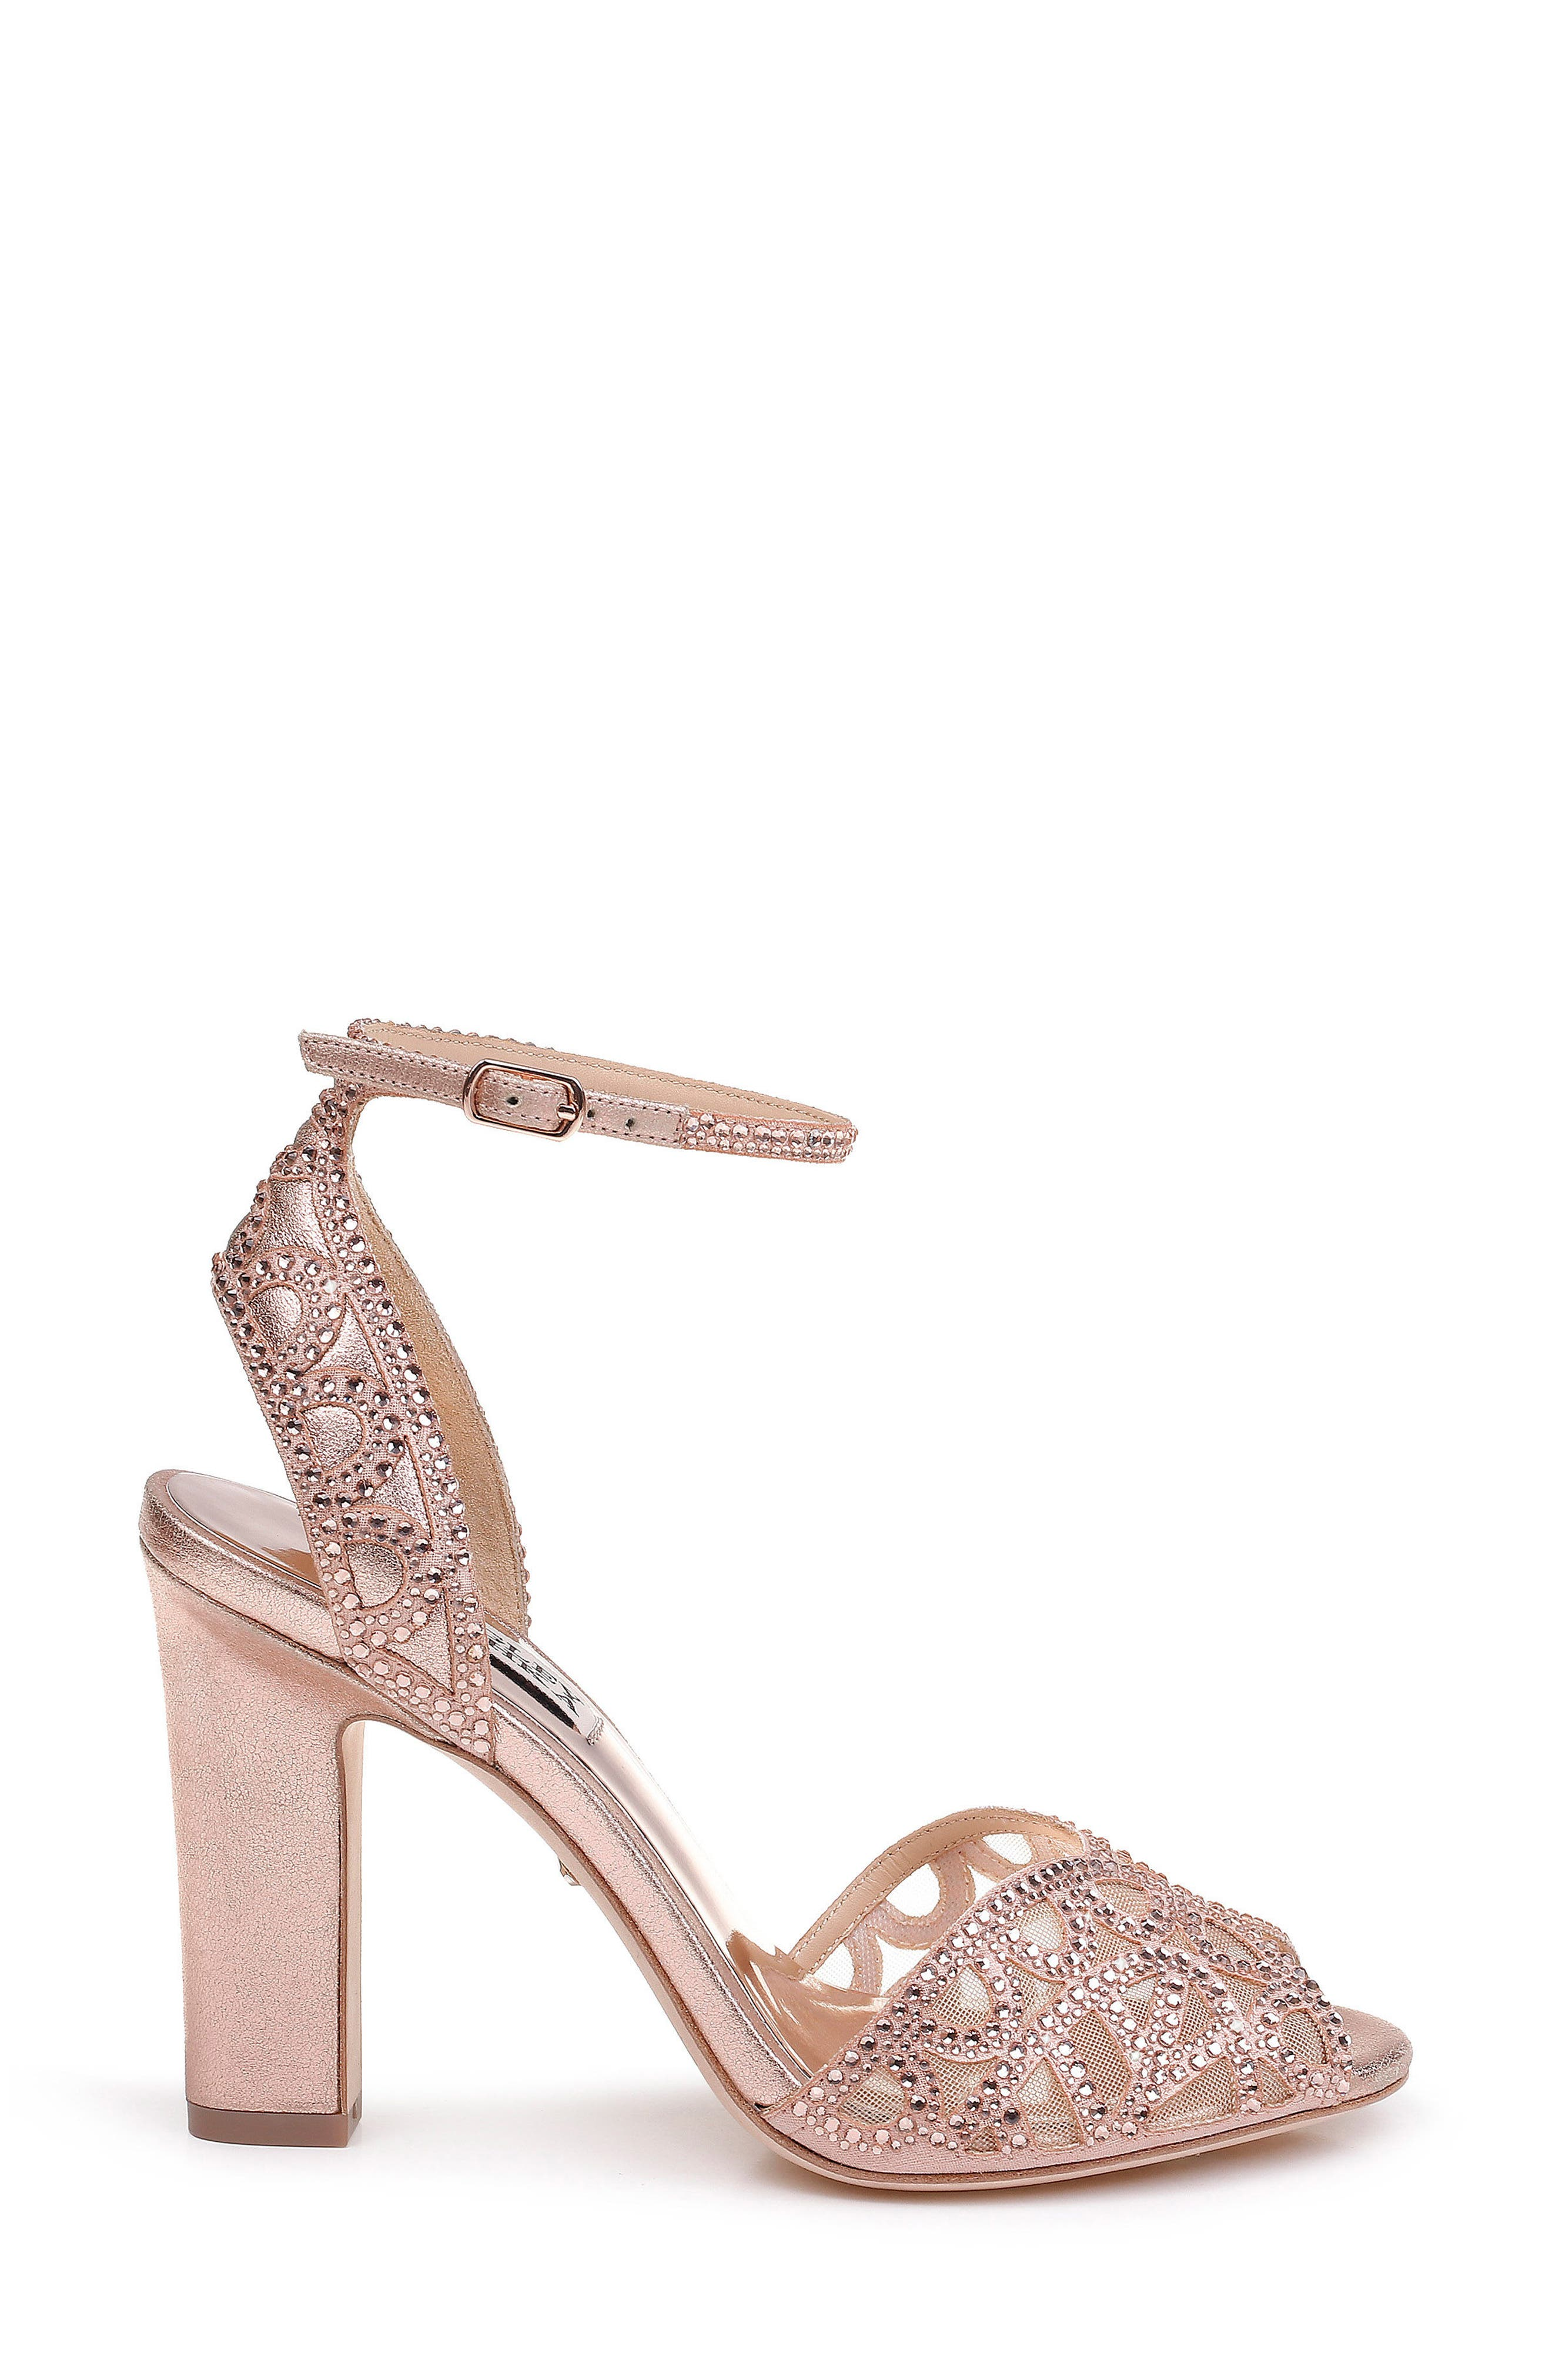 Hart Crystal Embellished Sandal,                             Alternate thumbnail 3, color,                             ROSE GOLD METALLIC SUEDE